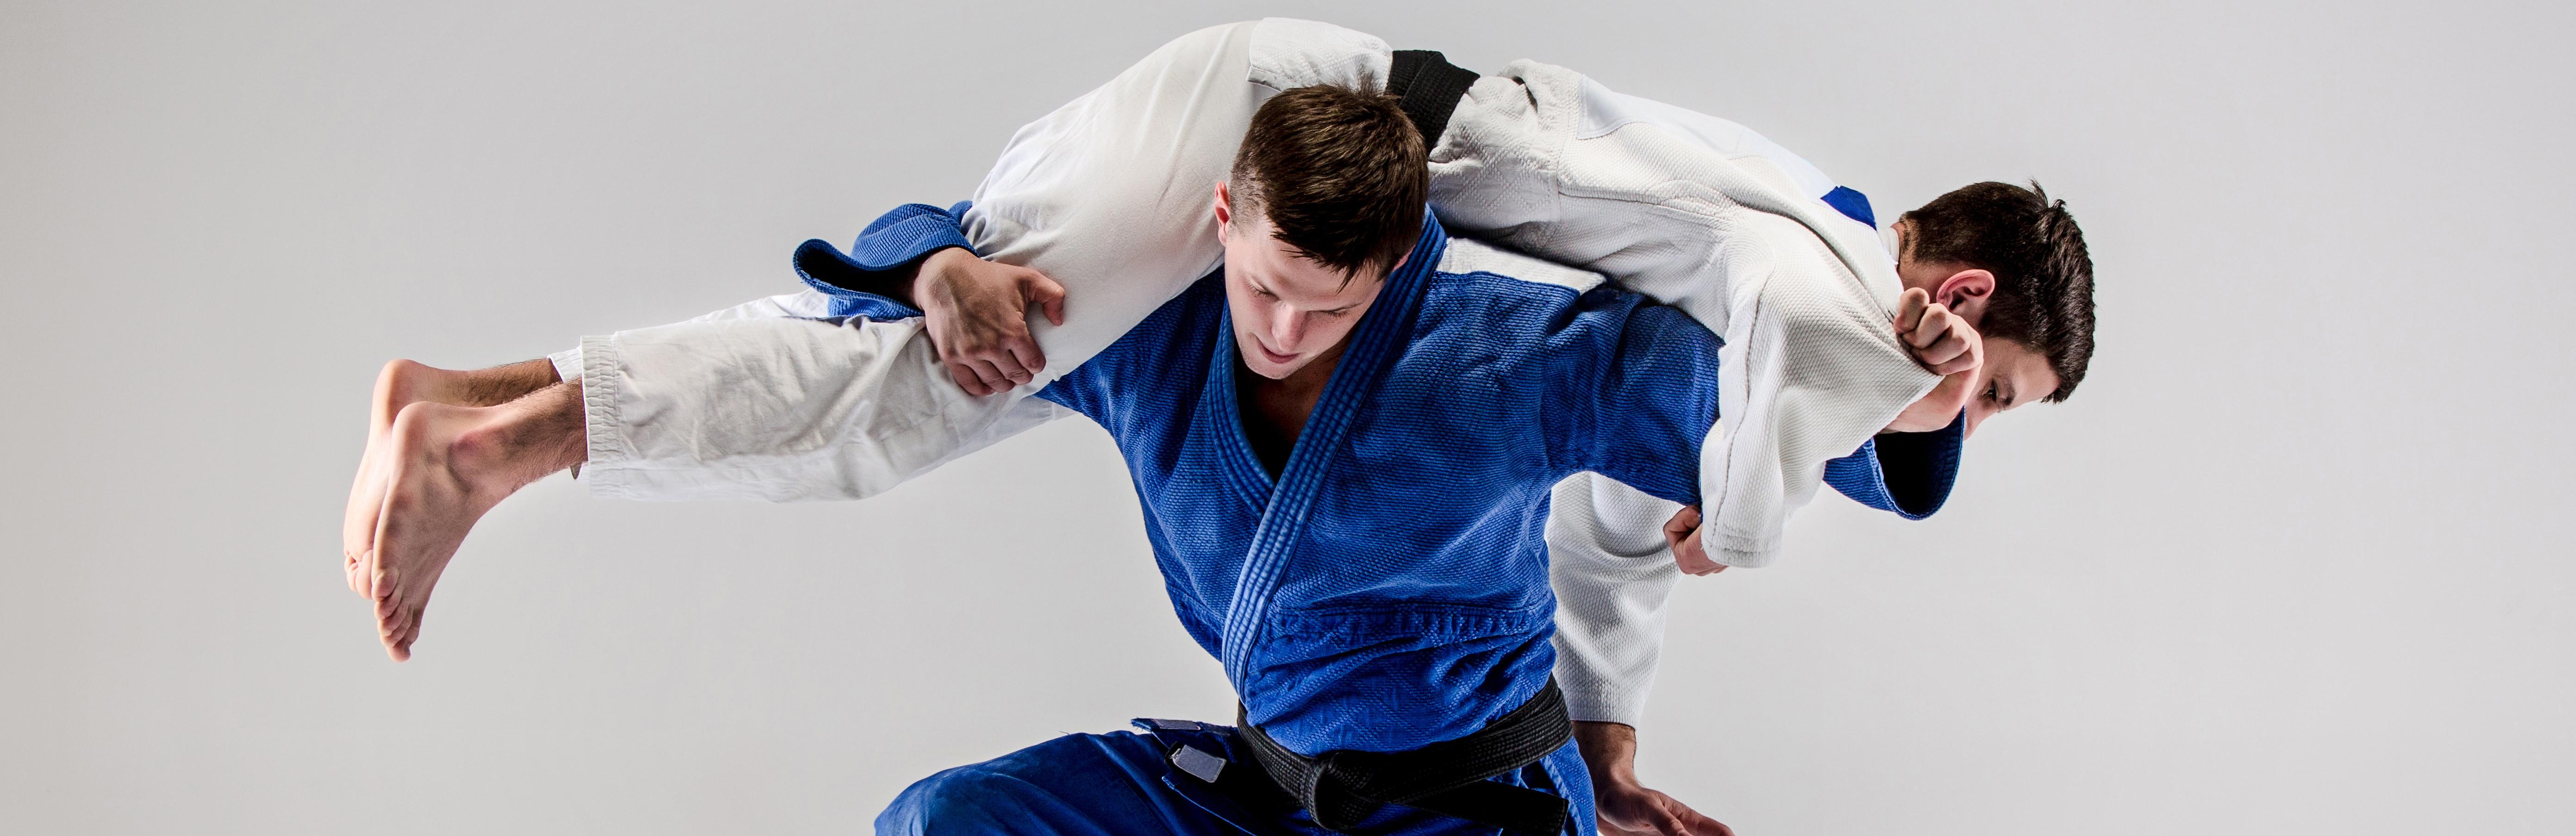 pilates-no-judo-7